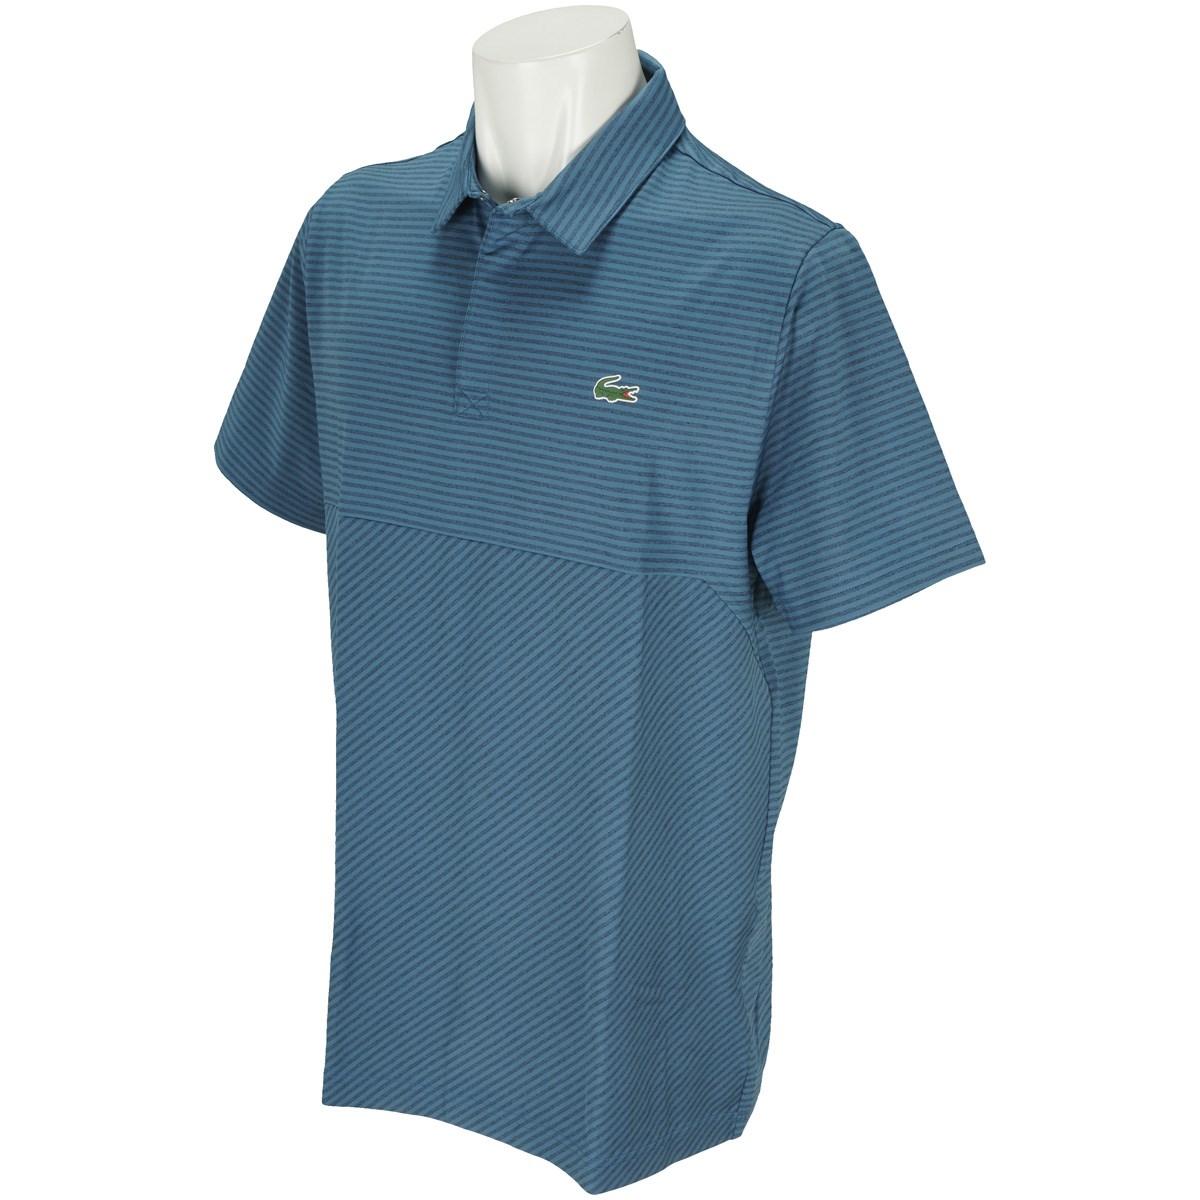 ラコステ ストレッチ スナップフロントゴルフ半袖ポロシャツ